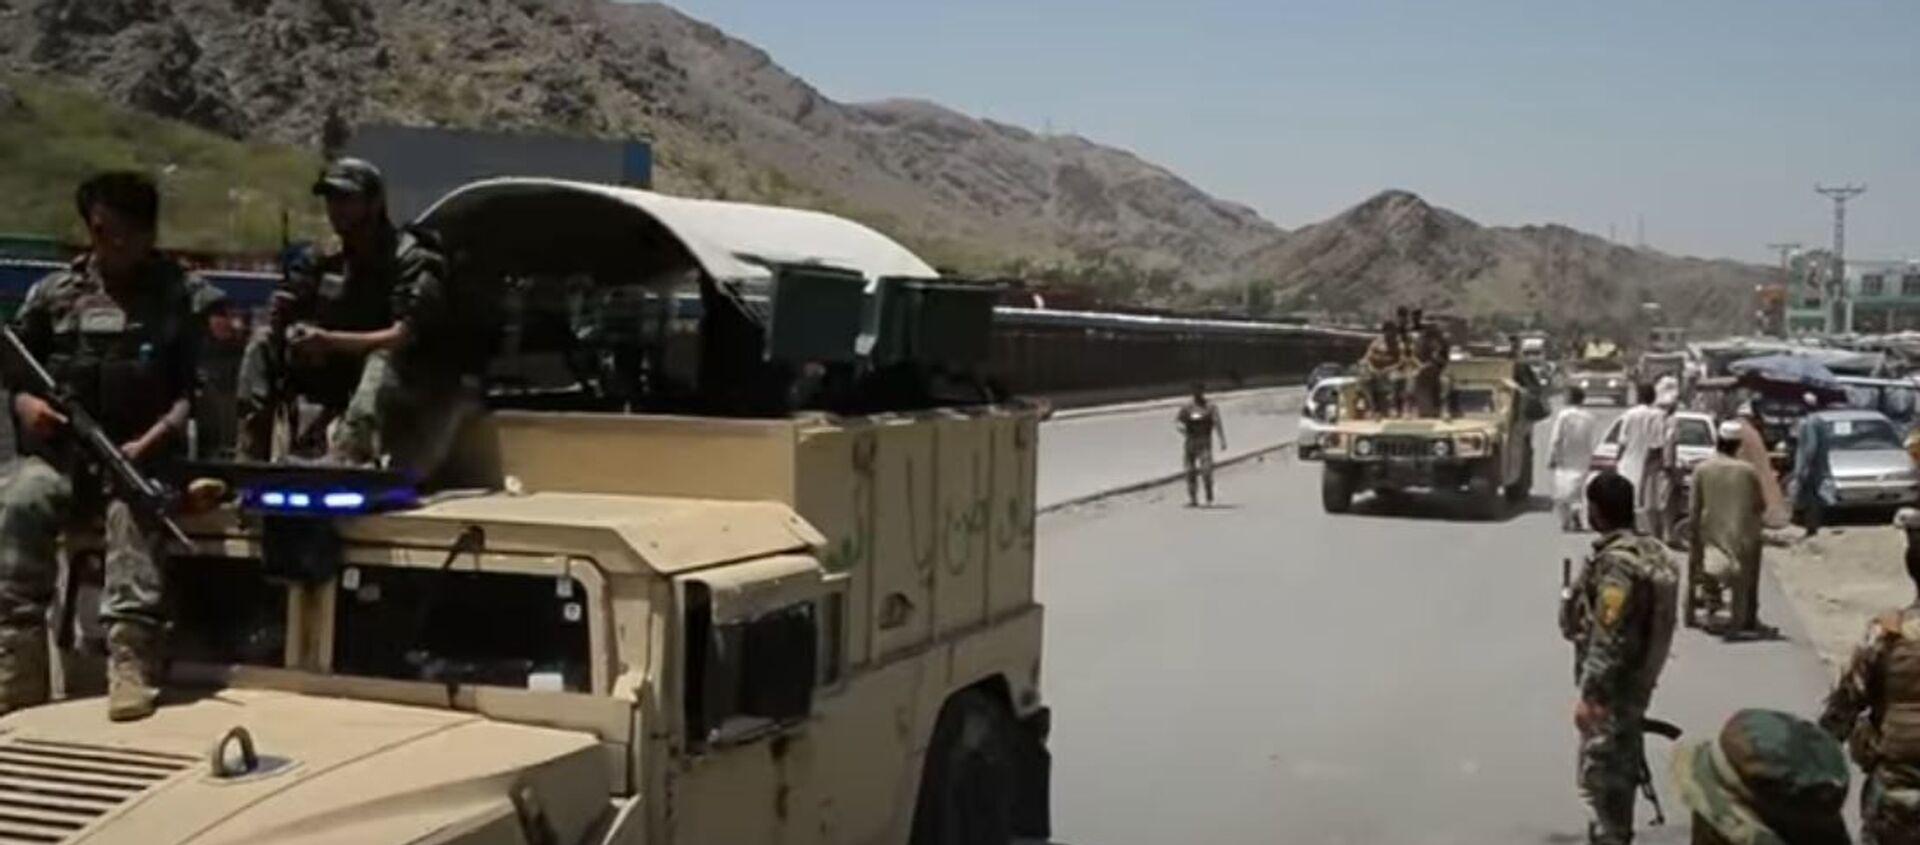 Что происходит в Афганистане: противостояние с талибами и гуманитарная катастрофа - Sputnik Абхазия, 1920, 05.08.2021